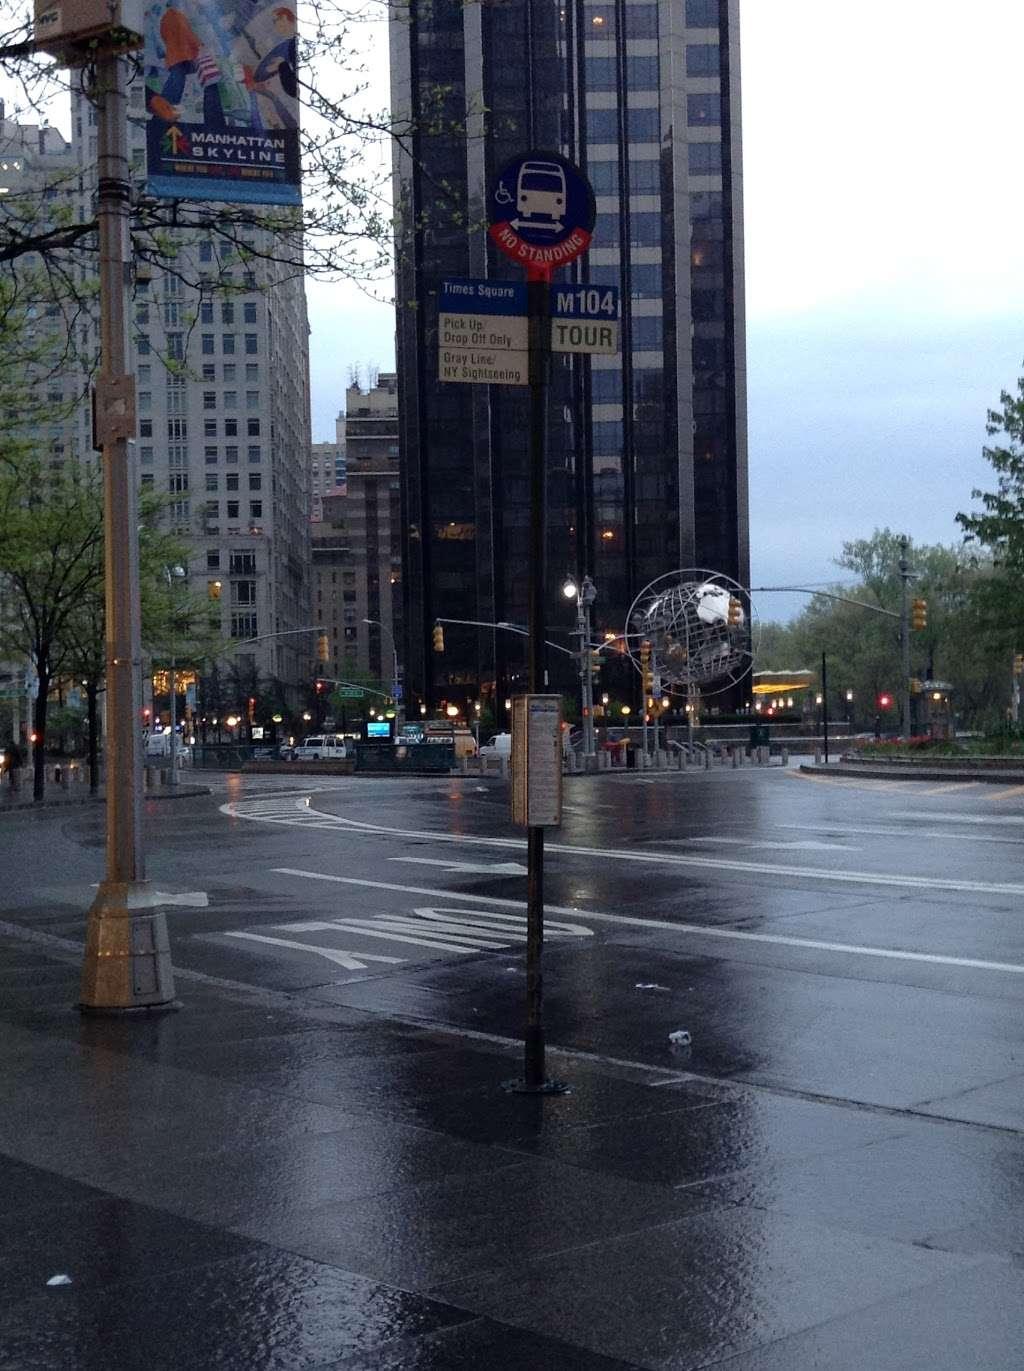 Columbus Circle | bus station | New York, NY 10019, USA